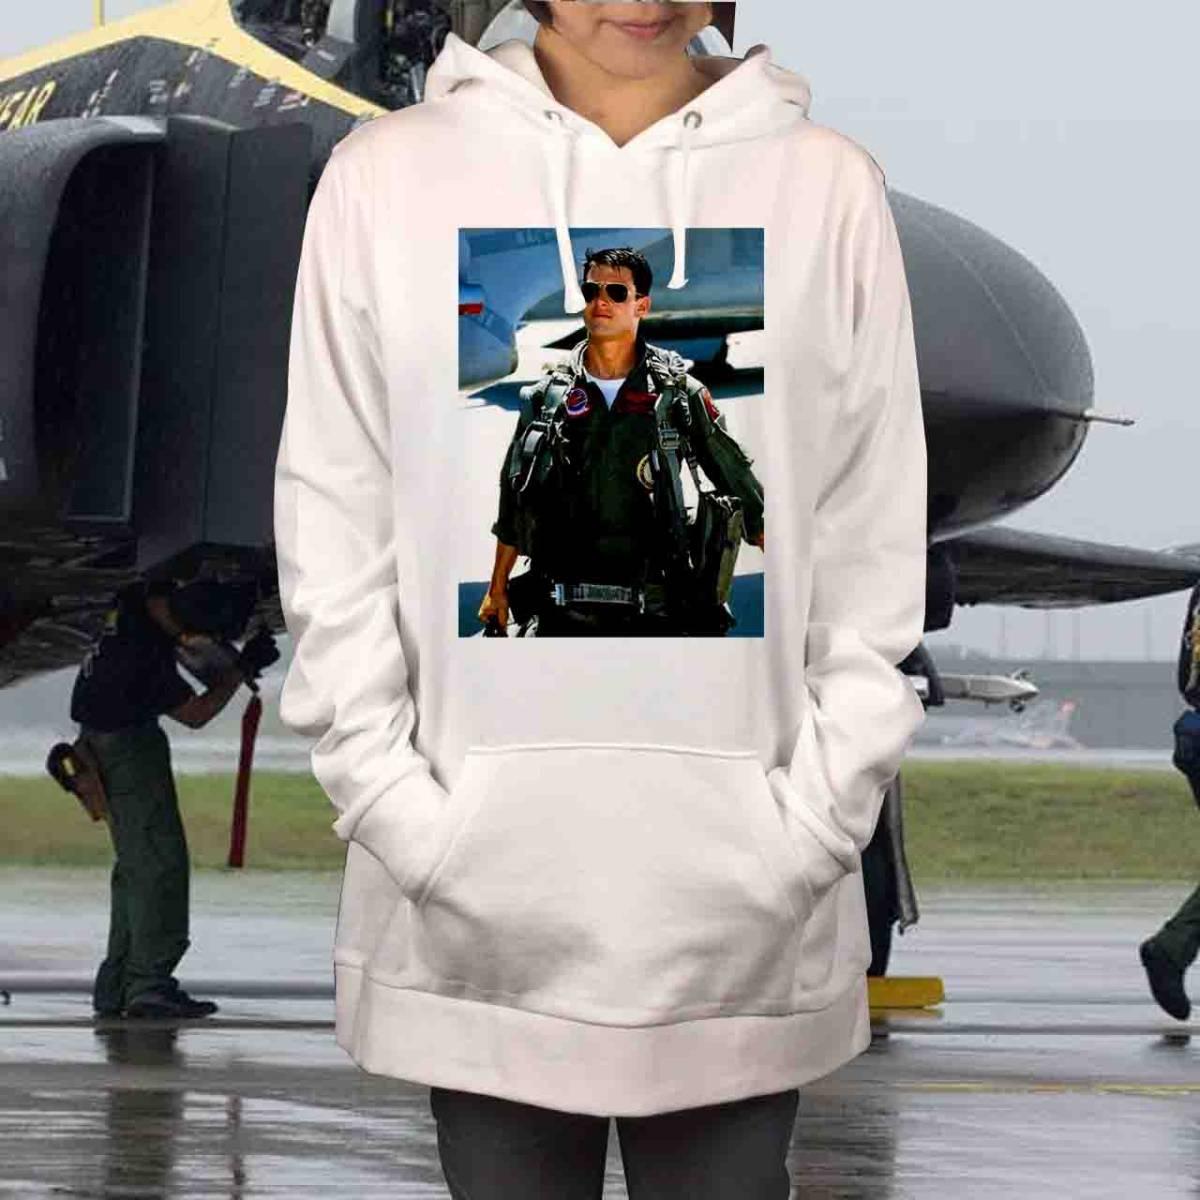 新品 トップガン マーヴェリック トムクルーズ US AIR FORCE 空軍 パーカー XS S M L XL ビッグ オーバーサイズ XXL 黒 Tシャツ ロンT 対応_画像1